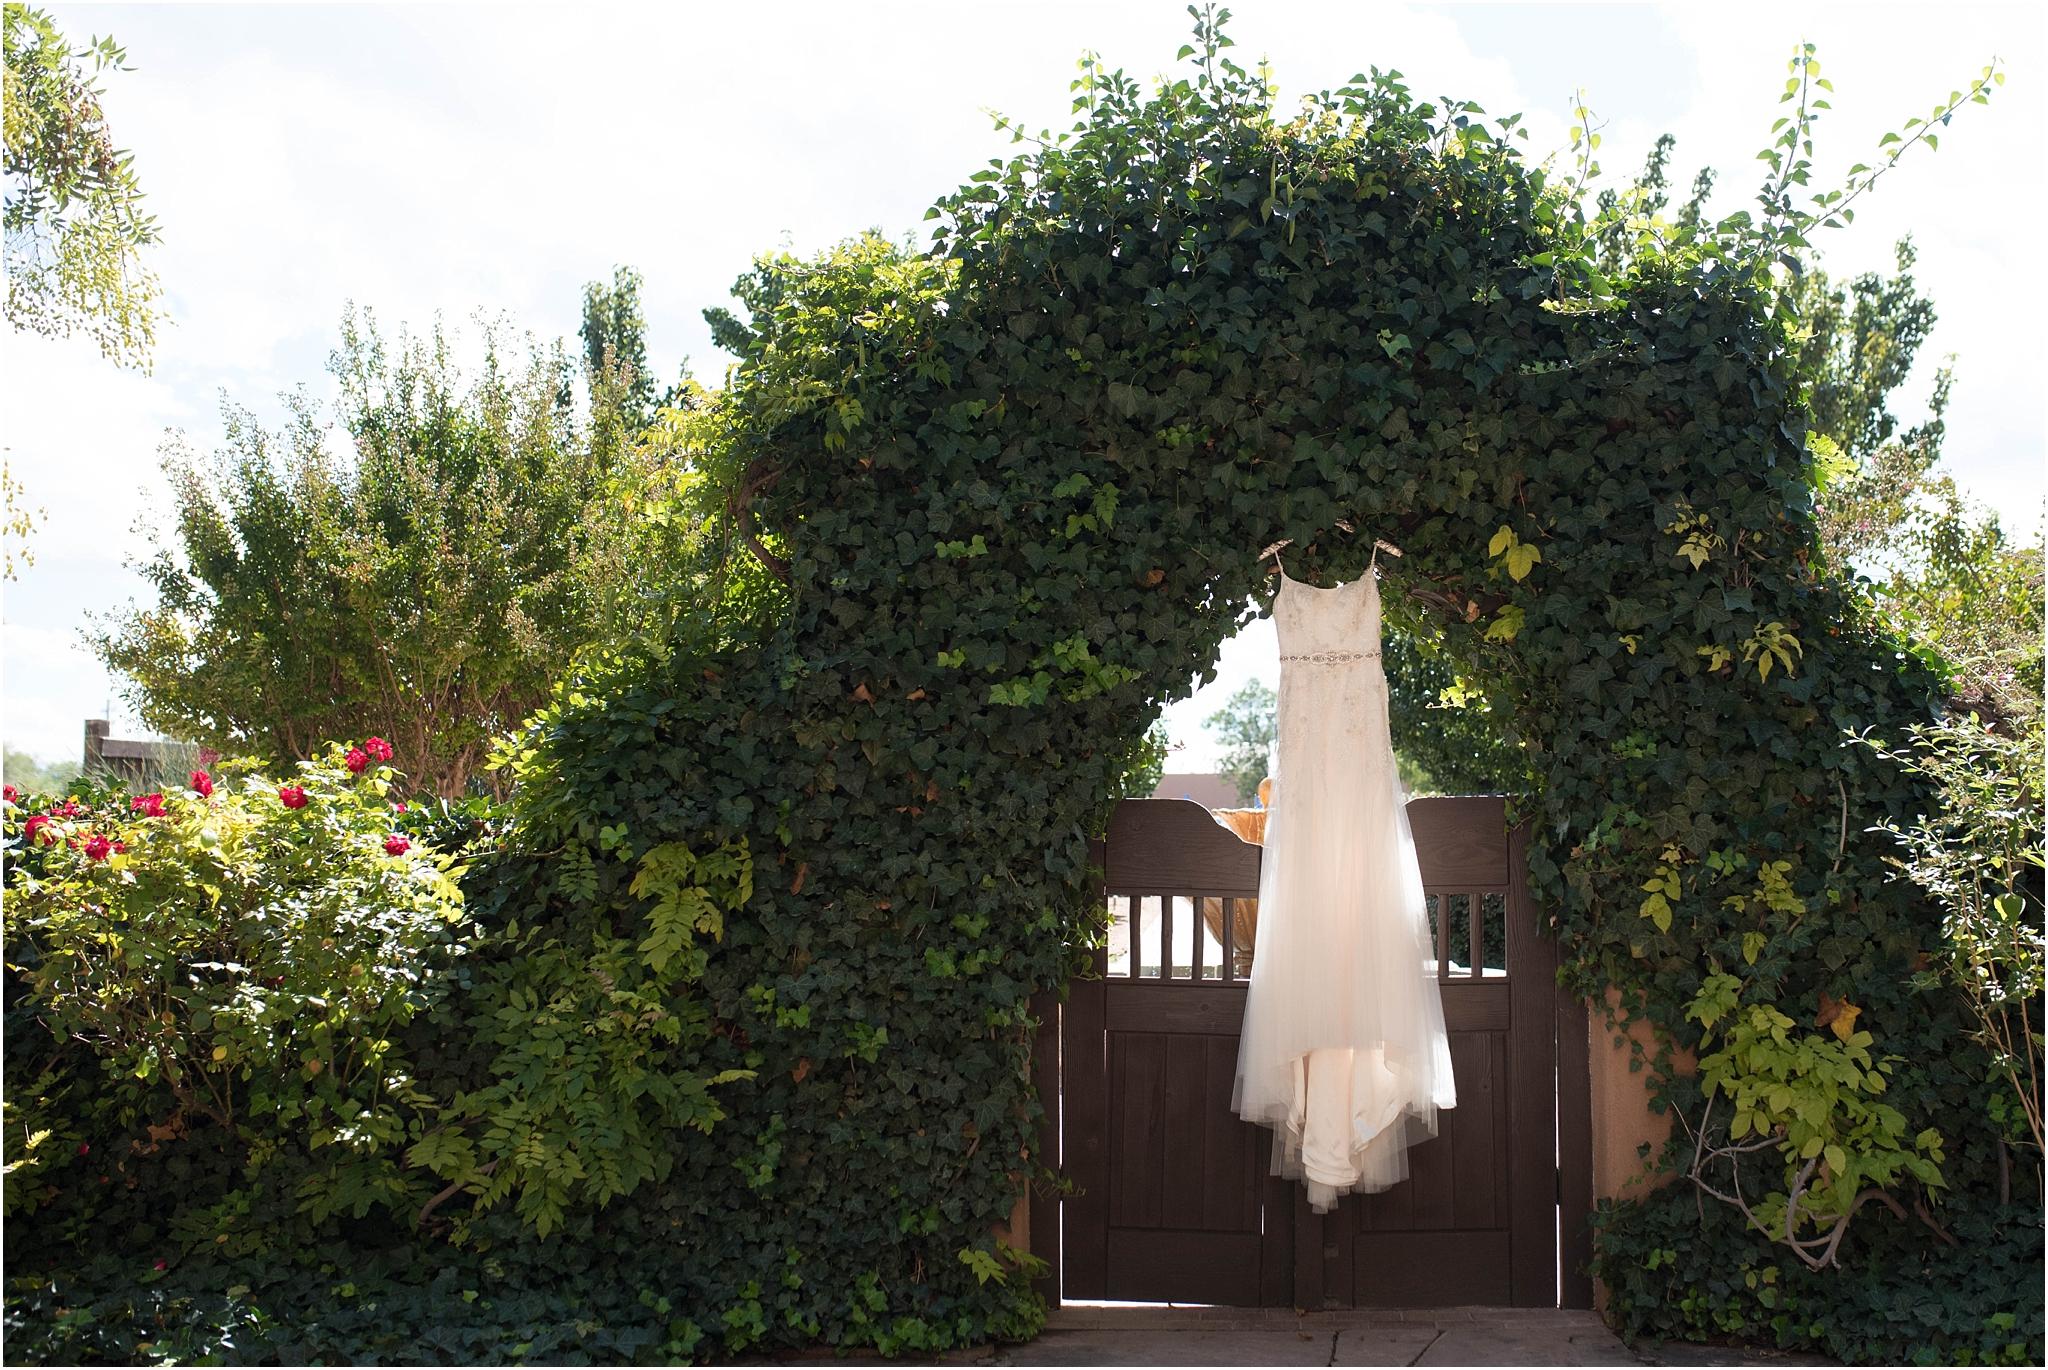 kayla kitts photography - new mexico wedding photographer - albuquerque botanic gardens - hotel albuquerque_0134.jpg